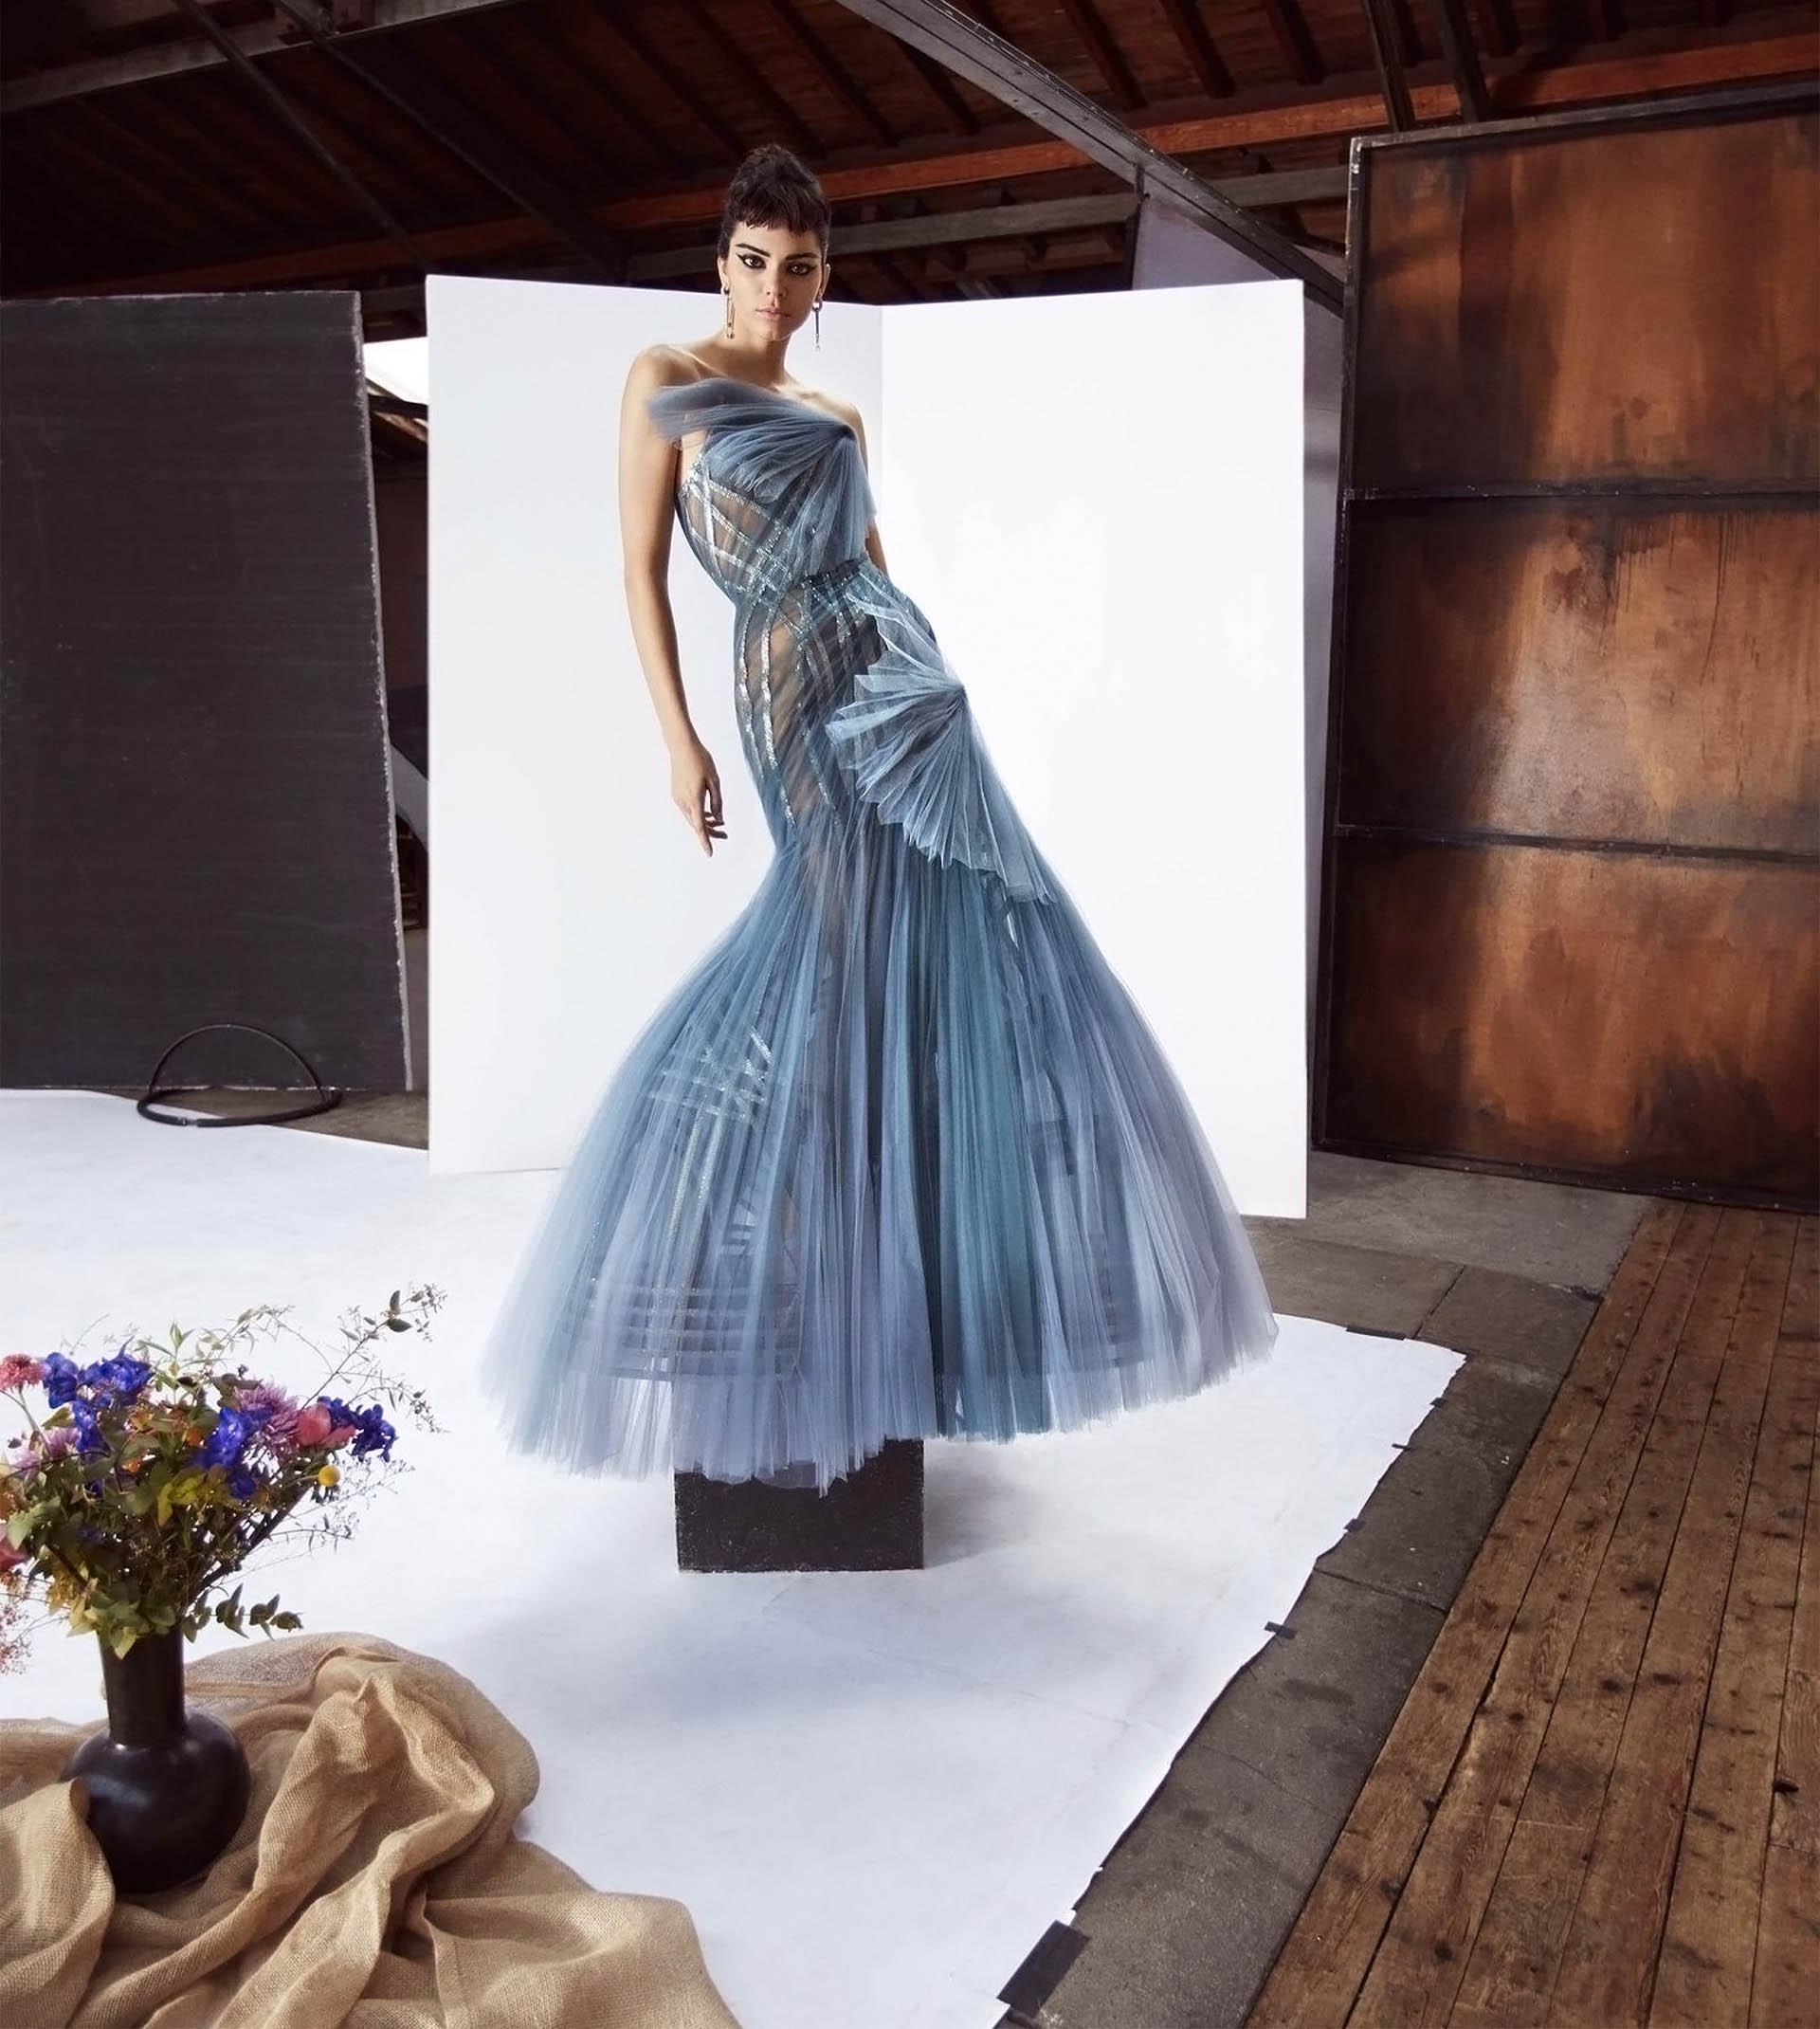 Emulando el estilo de la icónica Audrey Hepburno con una pieza azul empolvado de Atelier Versace y joyas Tiffany & Co.